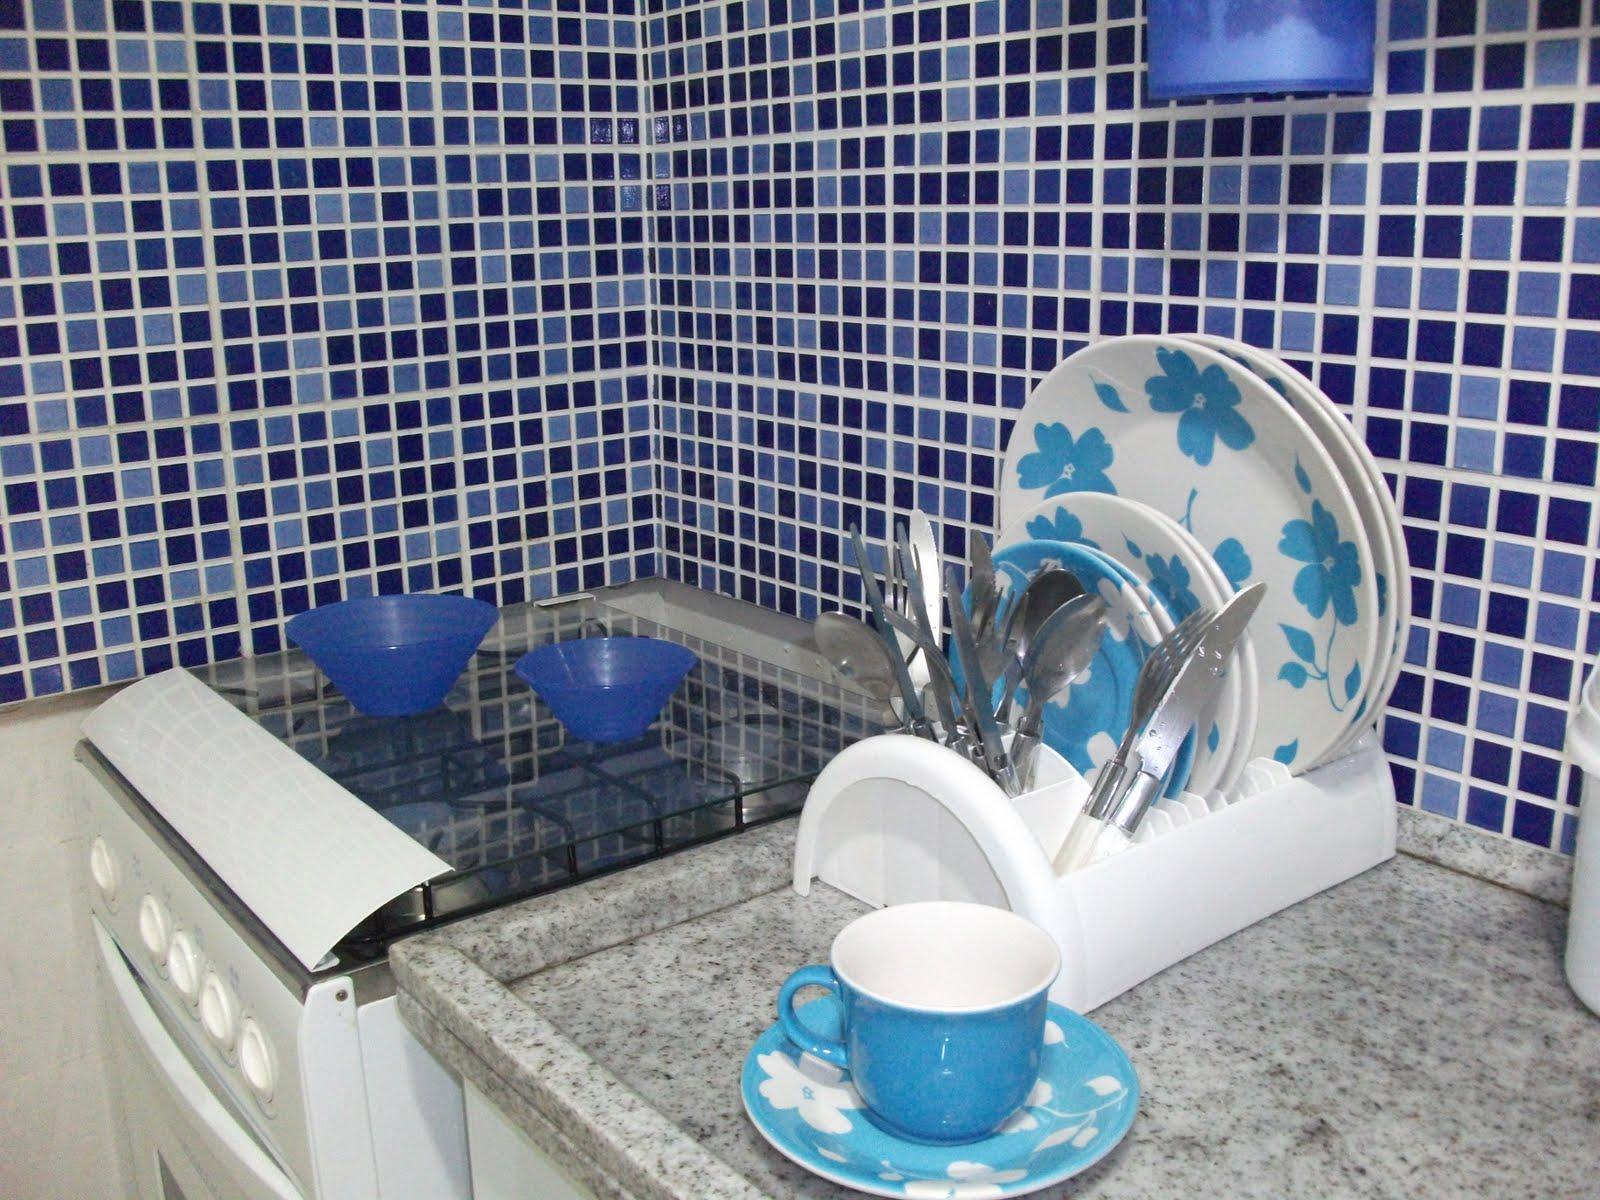 PROJETOS: Pastilhas e cerâmicas que imitam pastilhas #31739A 1600x1200 Banheiro Com Ceramica Tipo Pastilha